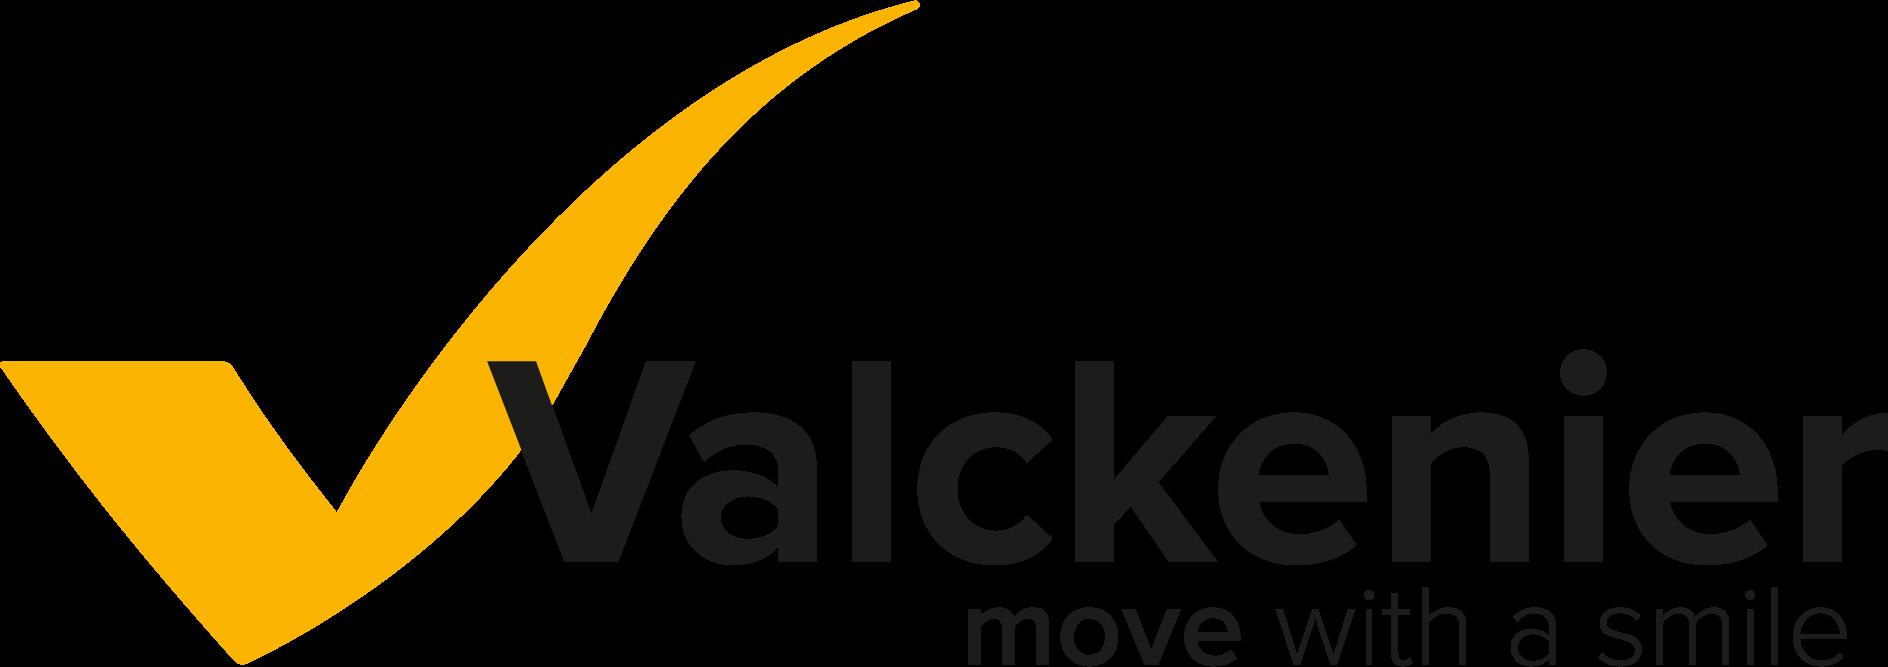 renault valckenier